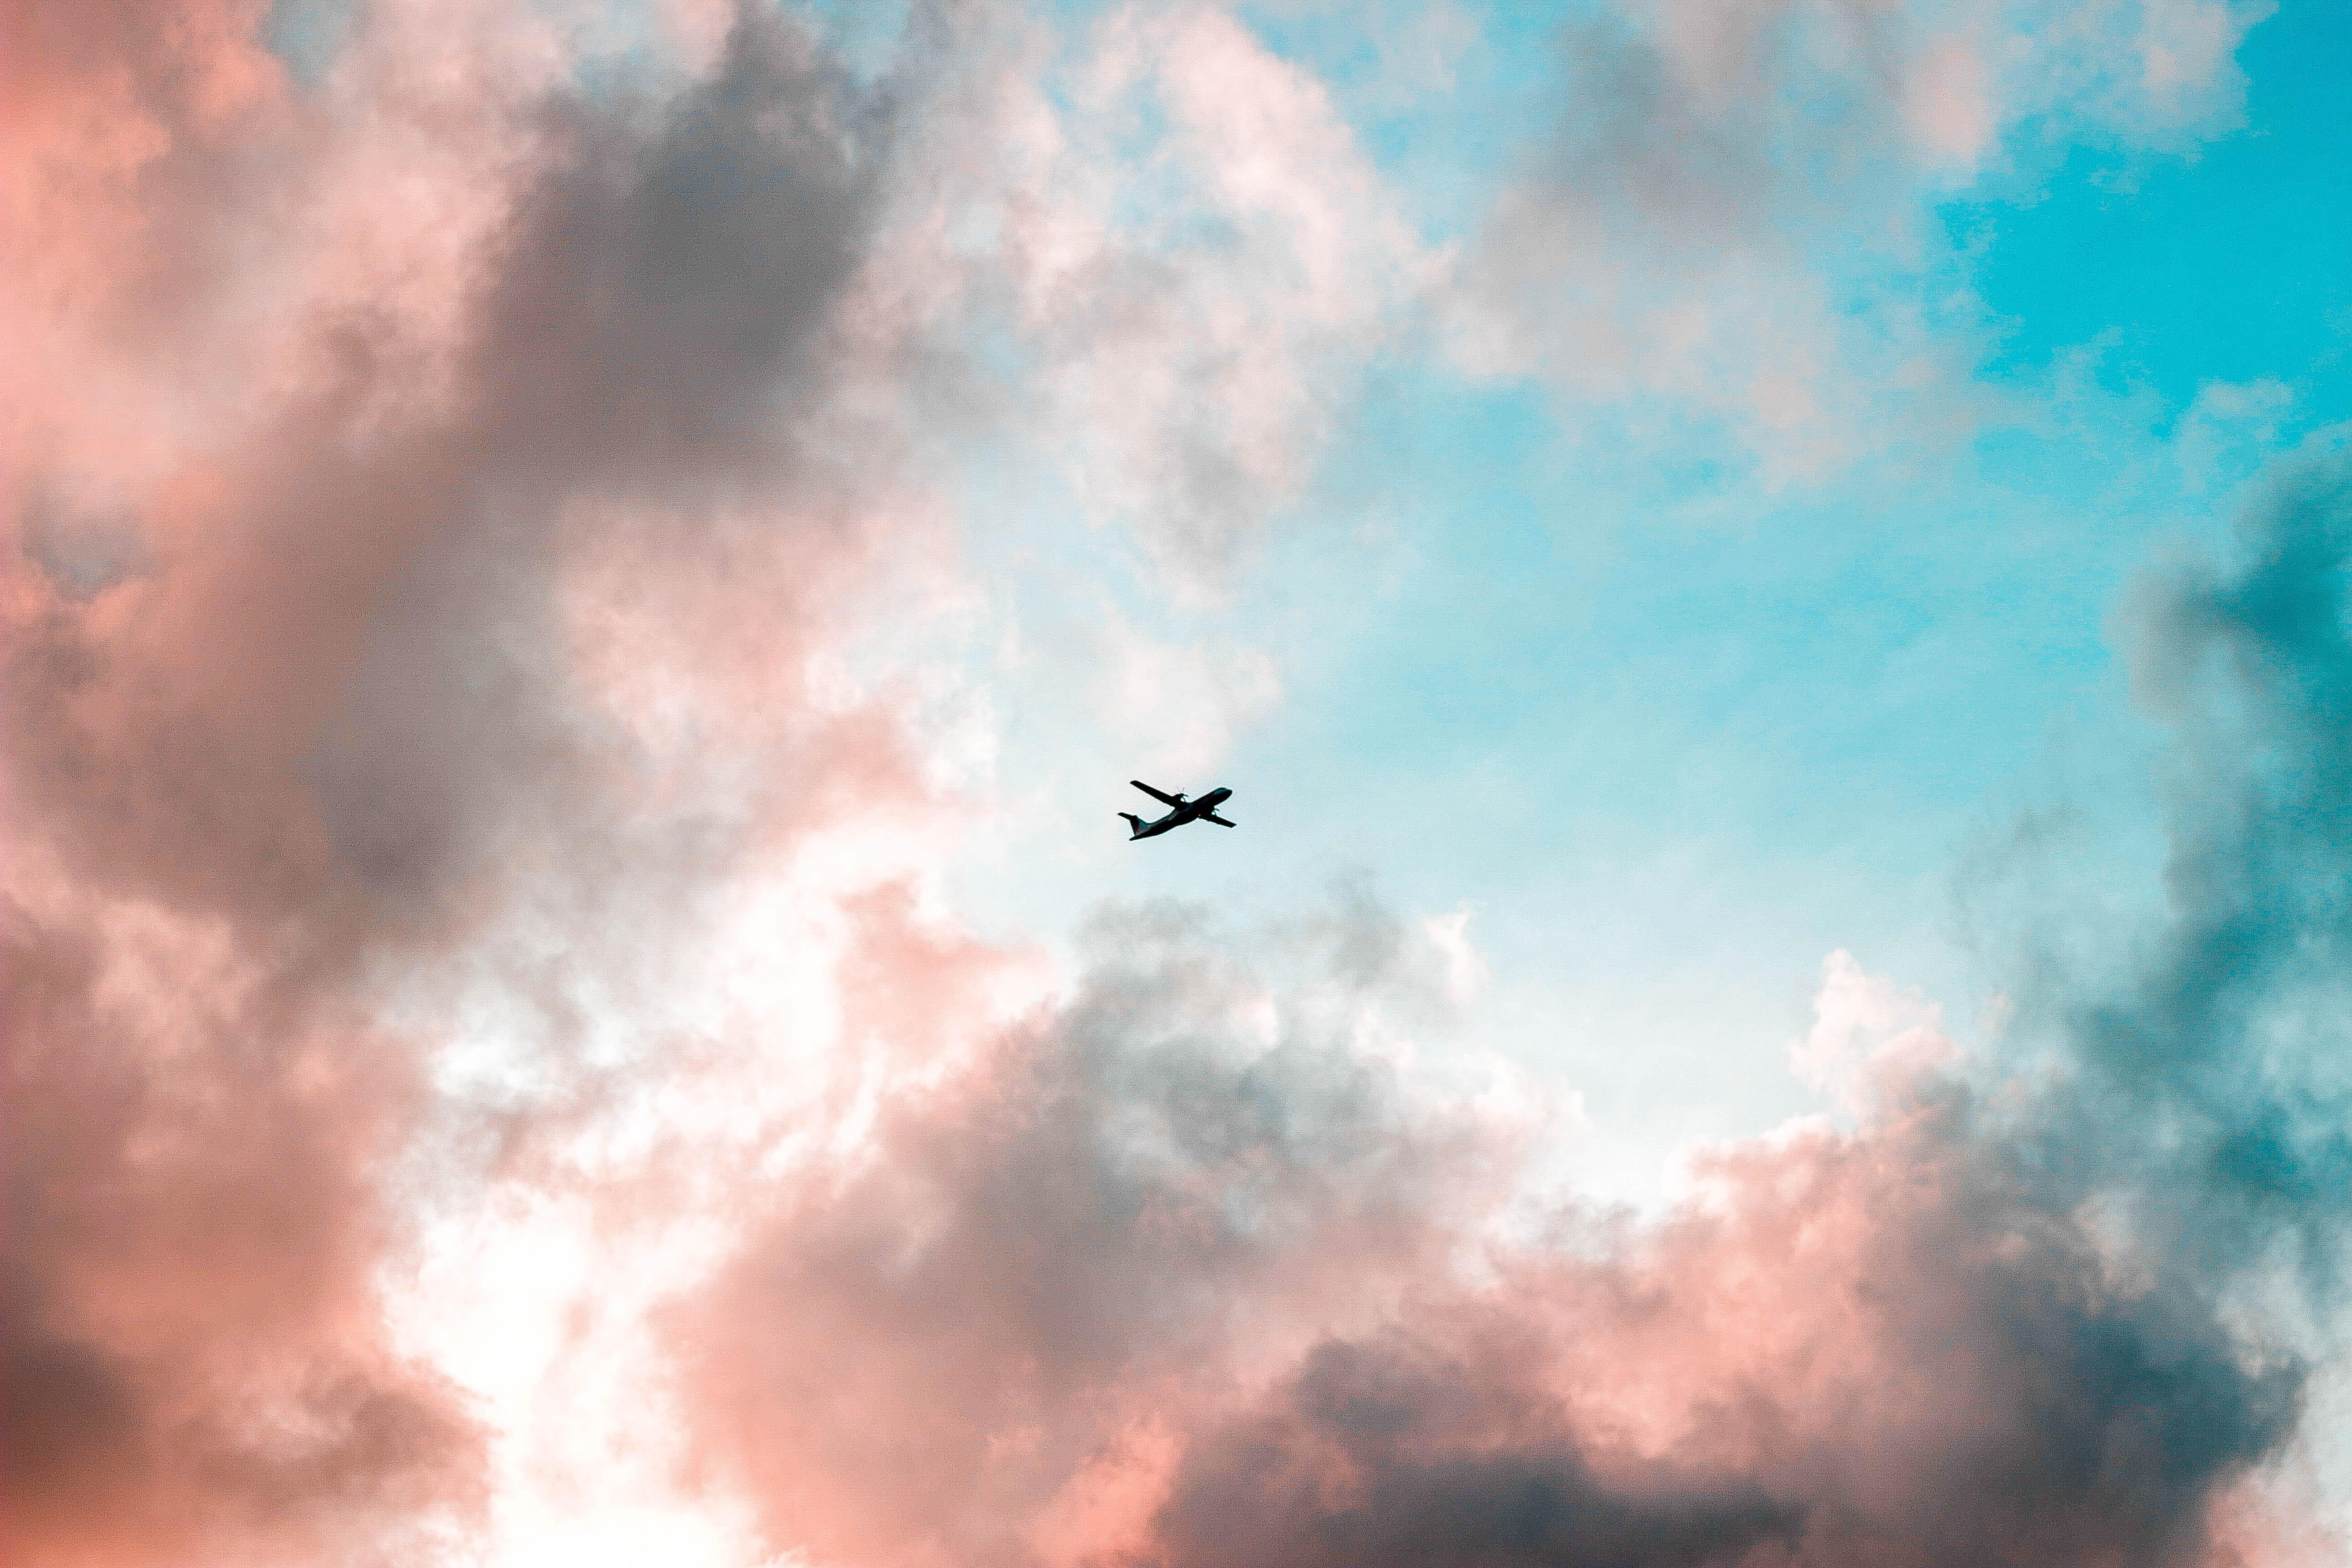 Air France : Clap de fin pour l'aventure Joon, quel avenir pour la compagnie ?